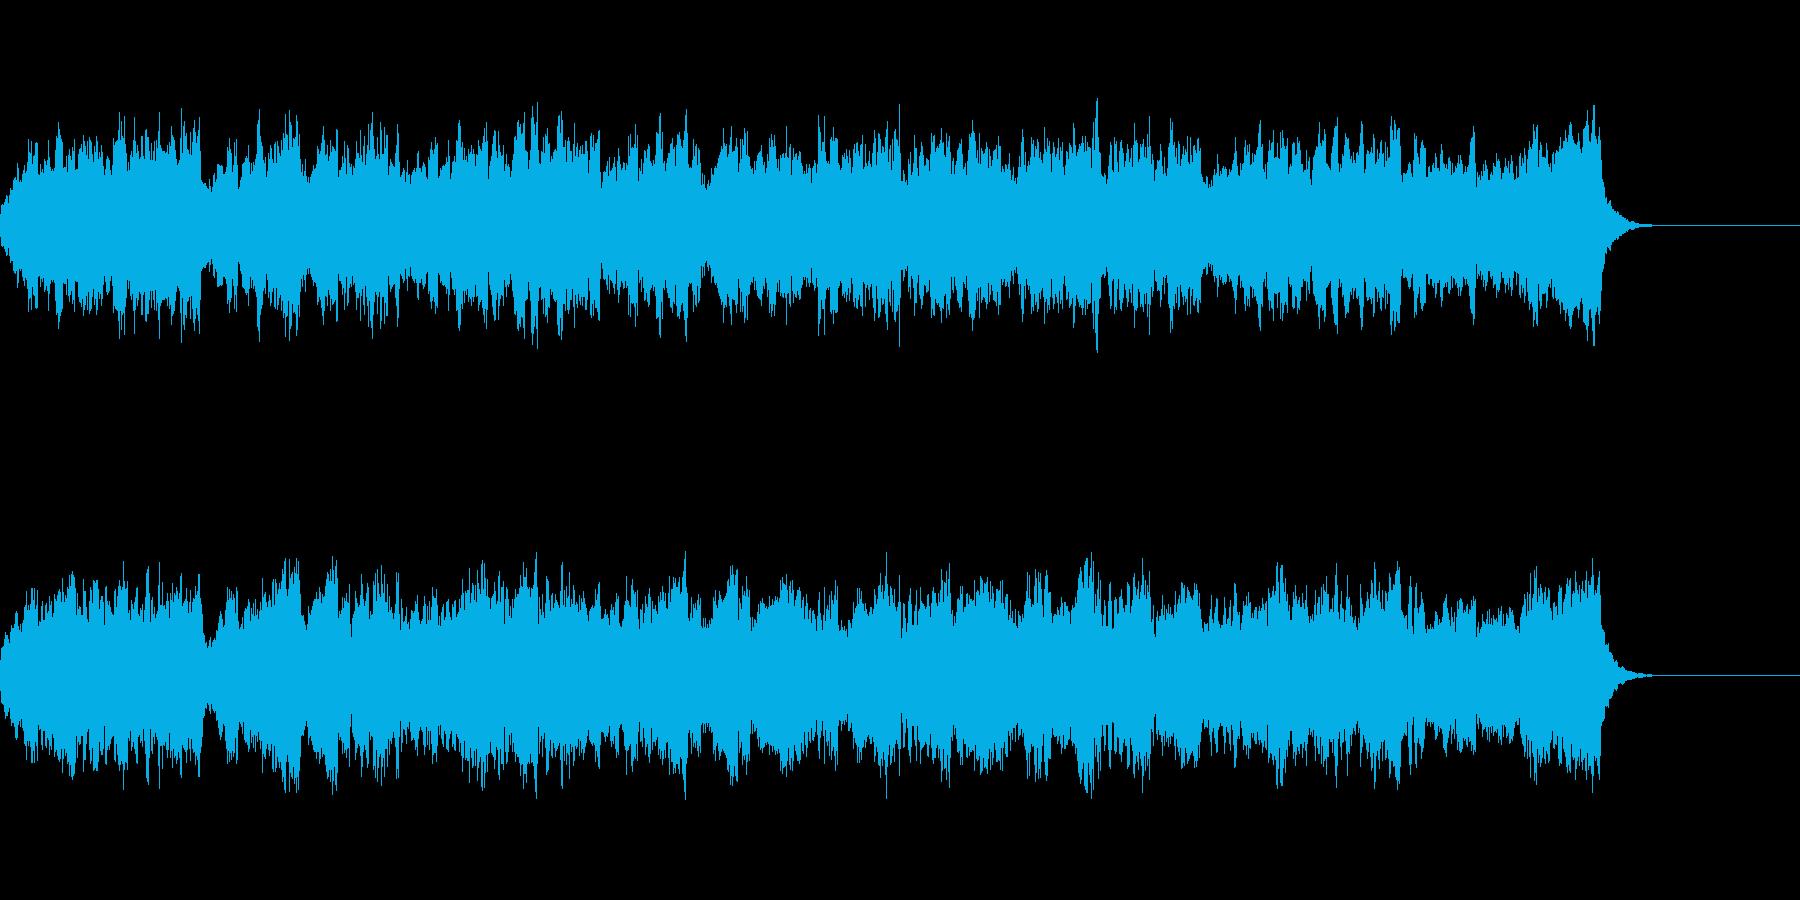 バイオリンとビオラの華やかな弦楽二重奏曲の再生済みの波形